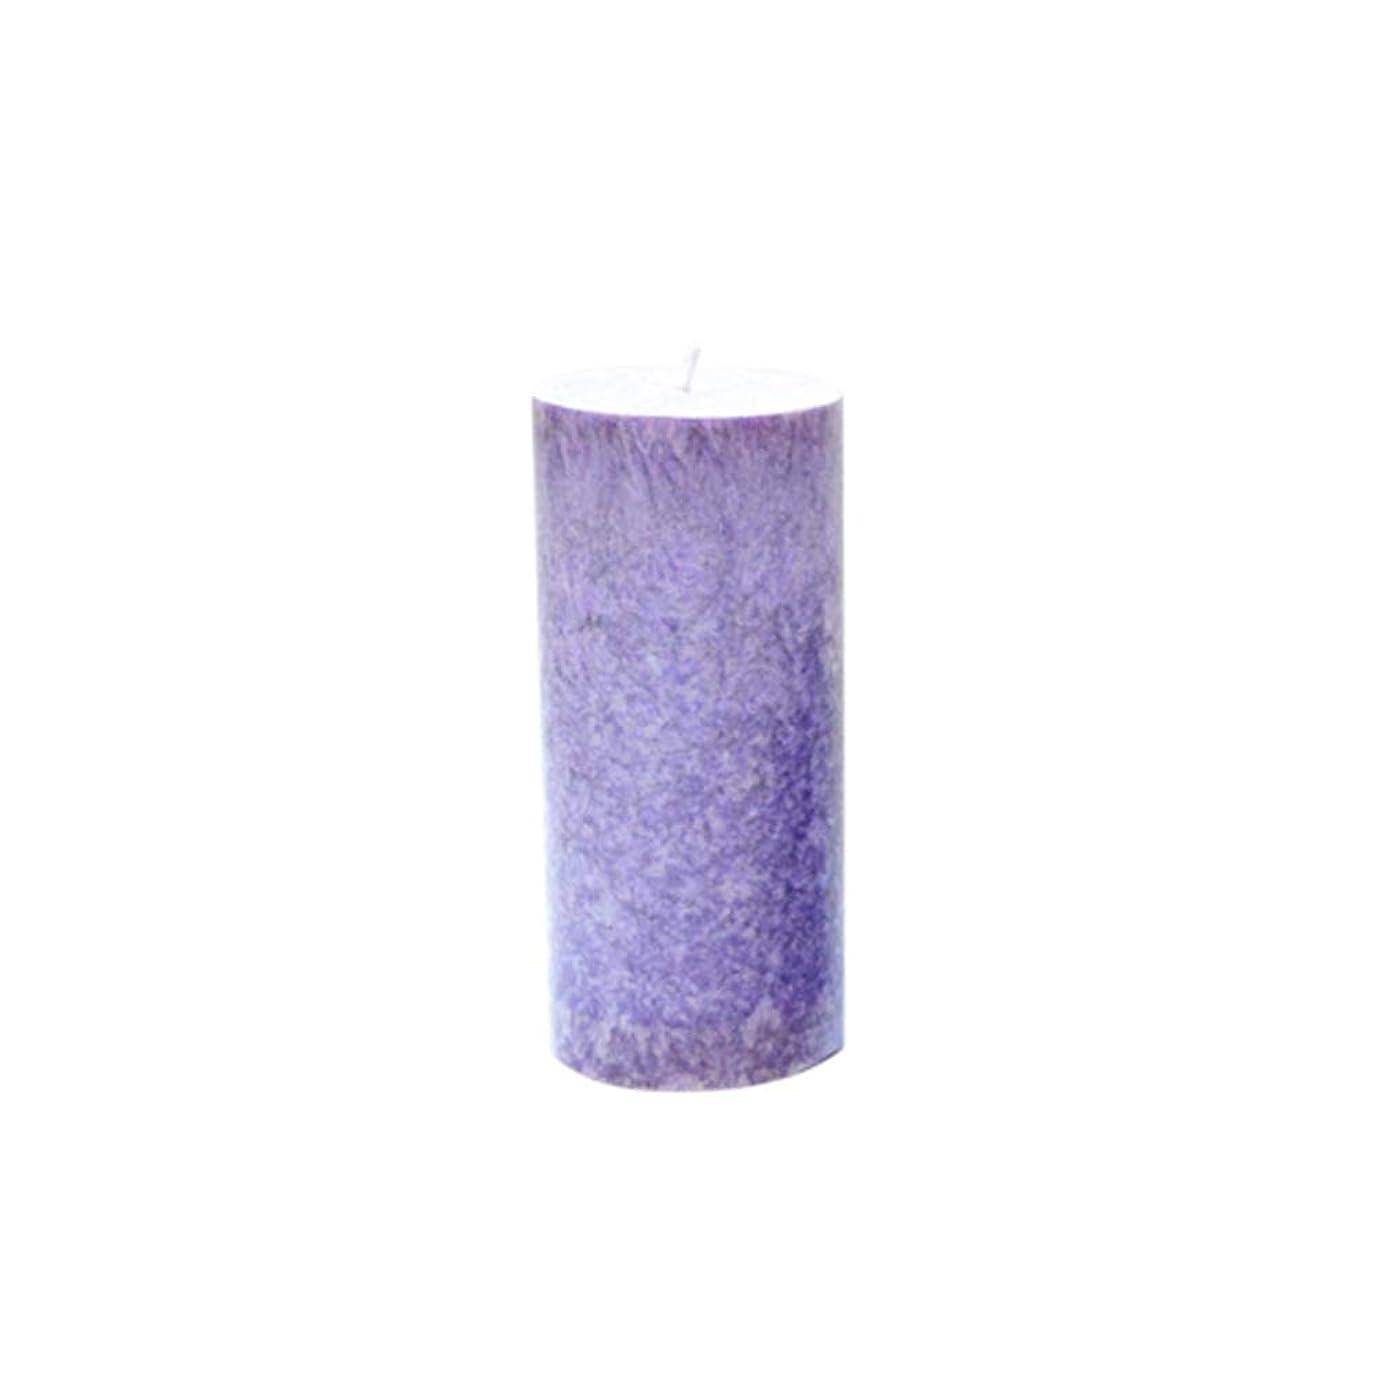 本当にすばらしいですアラートRakuby 香料入り 蝋燭 ロマンチック 紫色 ラベンダー アロマ療法 柱 蝋燭 祝祭 結婚祝い 無煙蝋燭